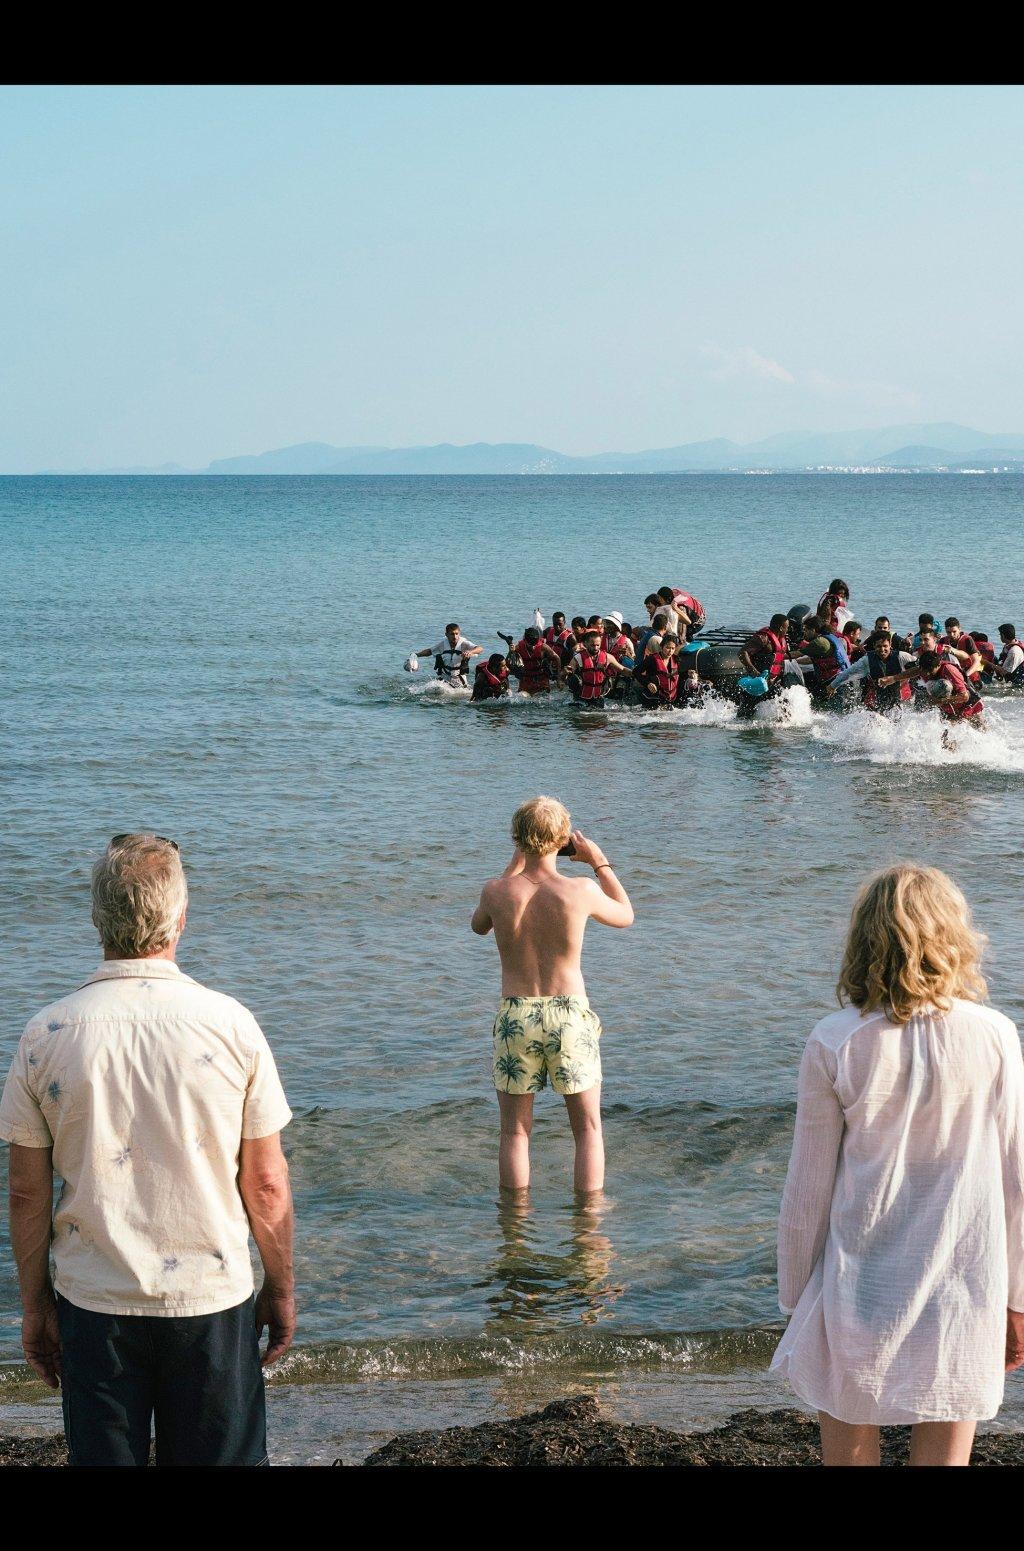 Des migrants clandestins dbarquent sur une plage de vacanciers  Crdit Capture dcran dArte production Eden  SWRPierre Meursaut